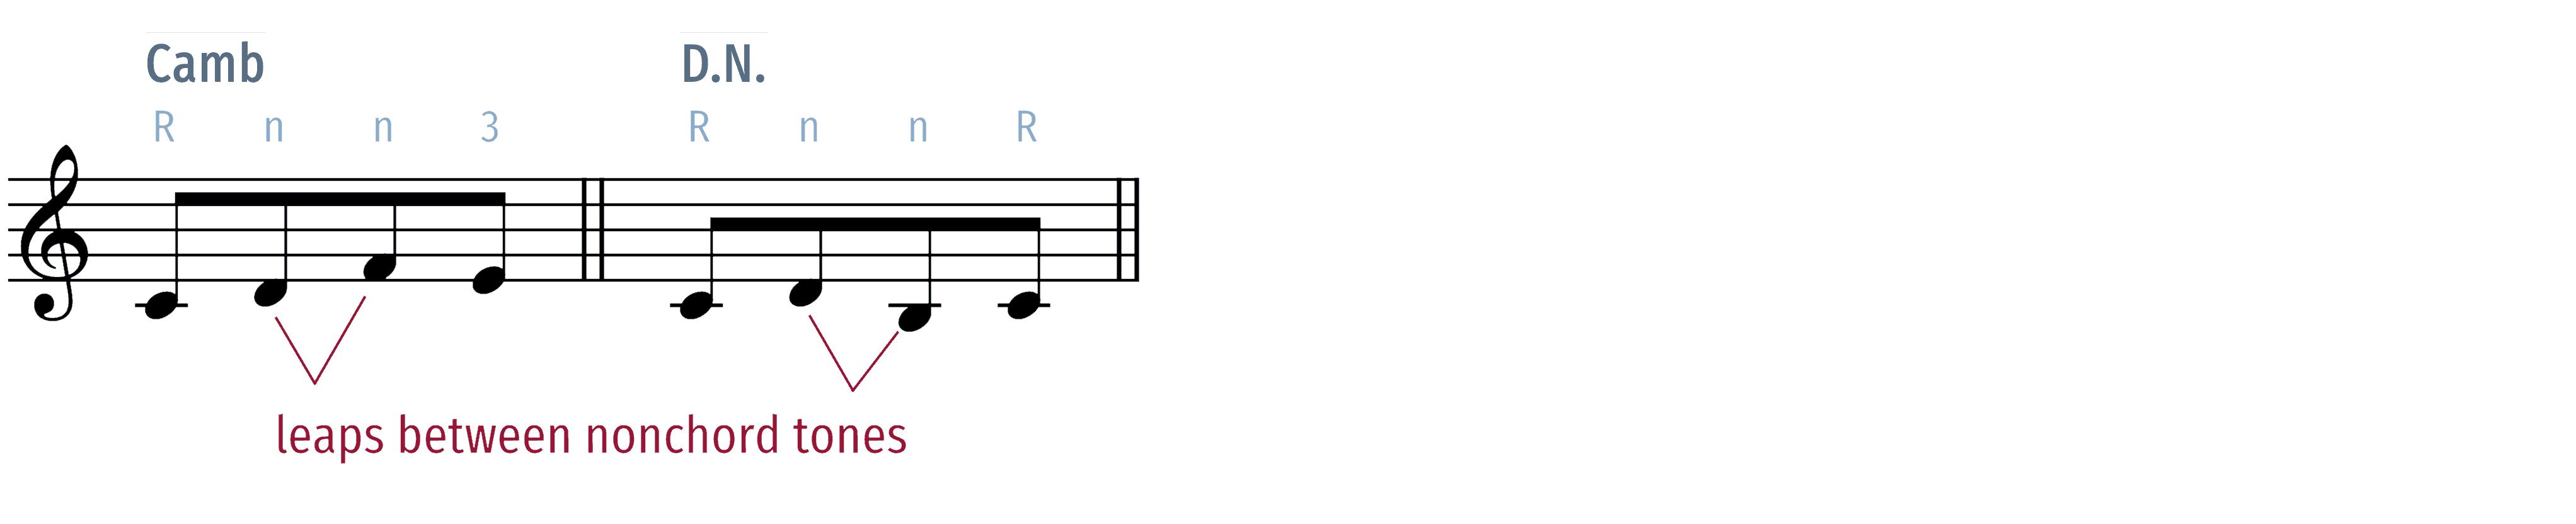 cambiata leaps between nonchord tones